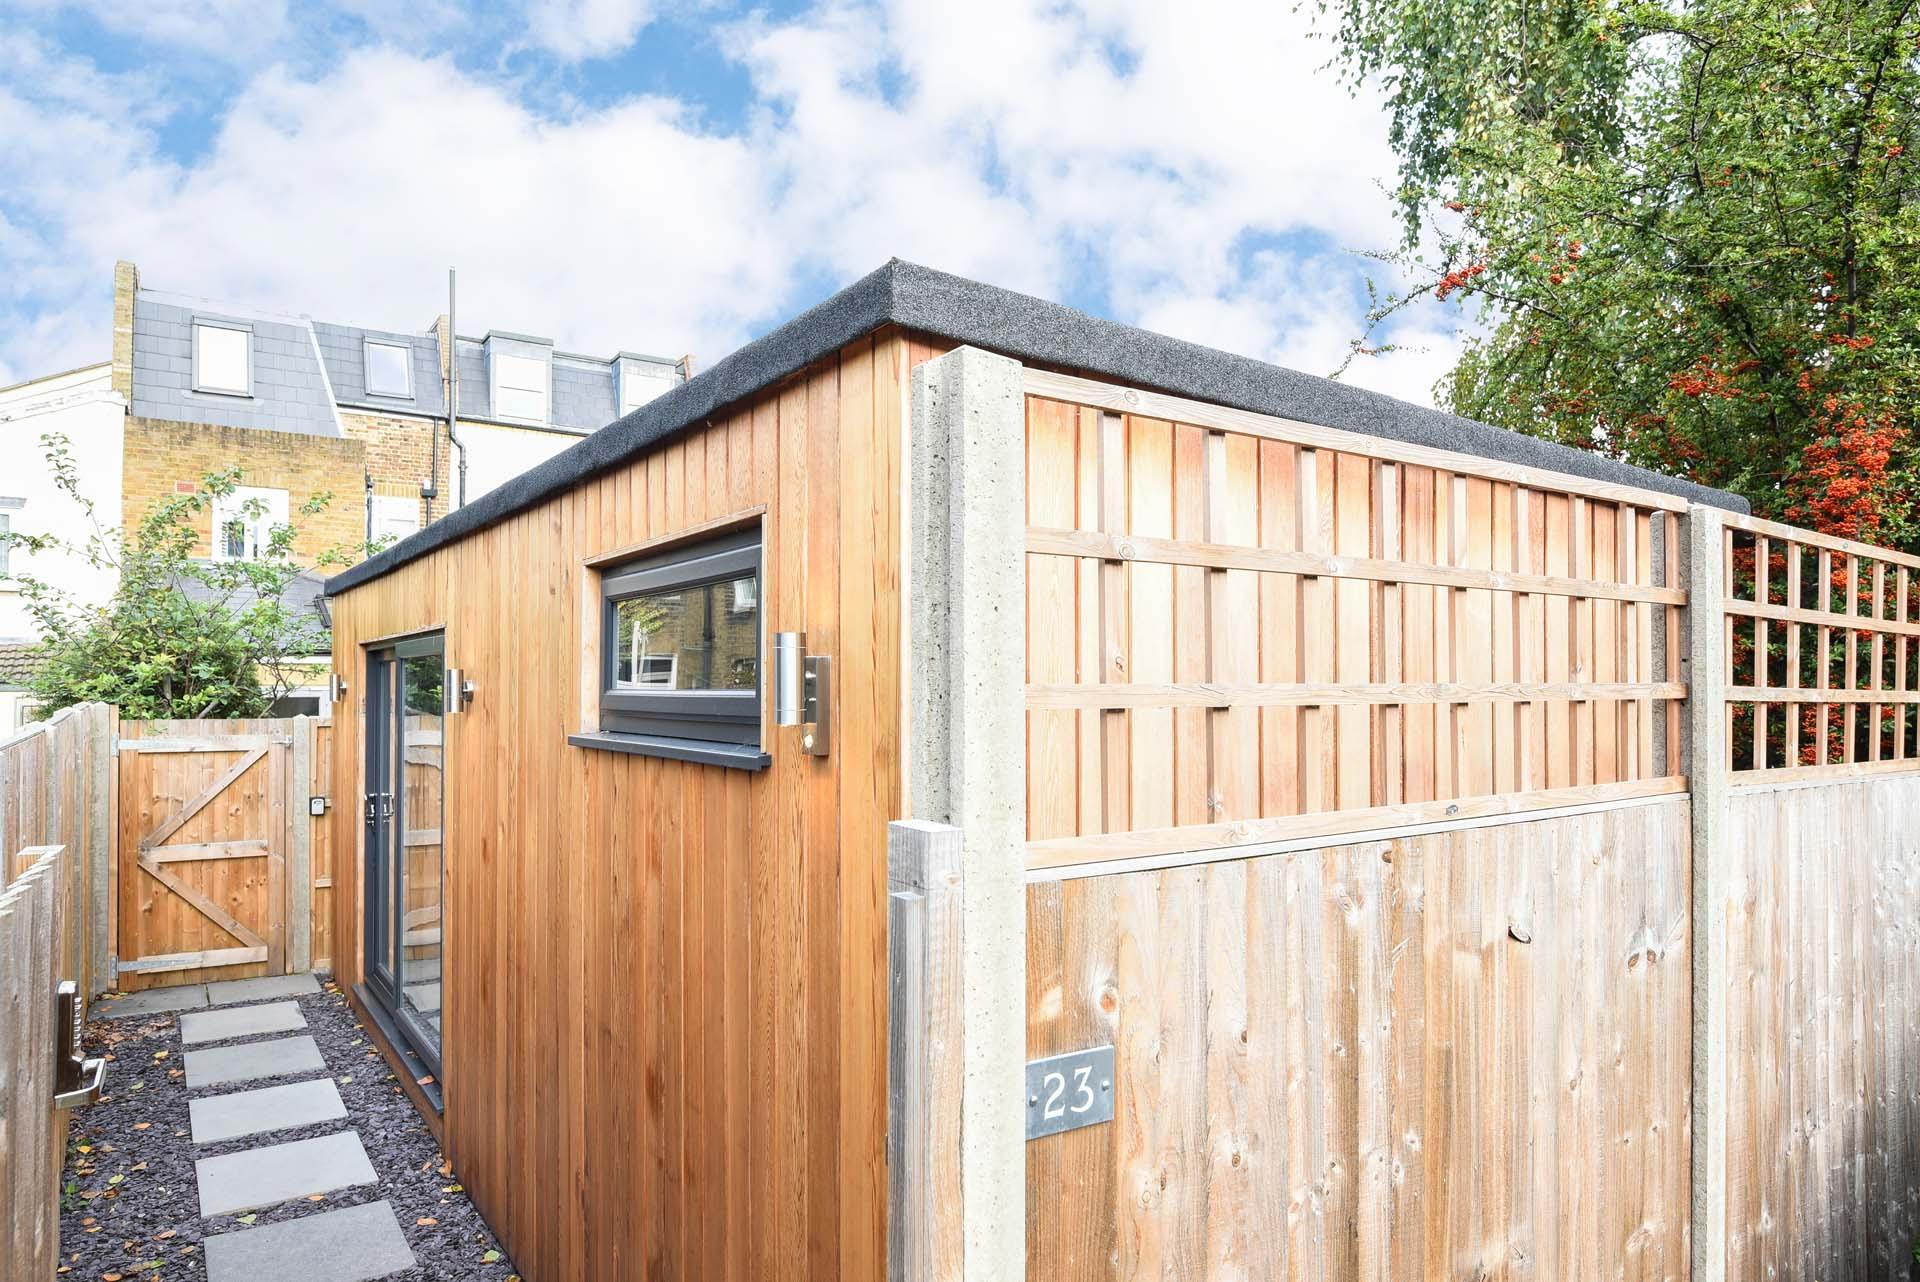 Garden room annex in Essex